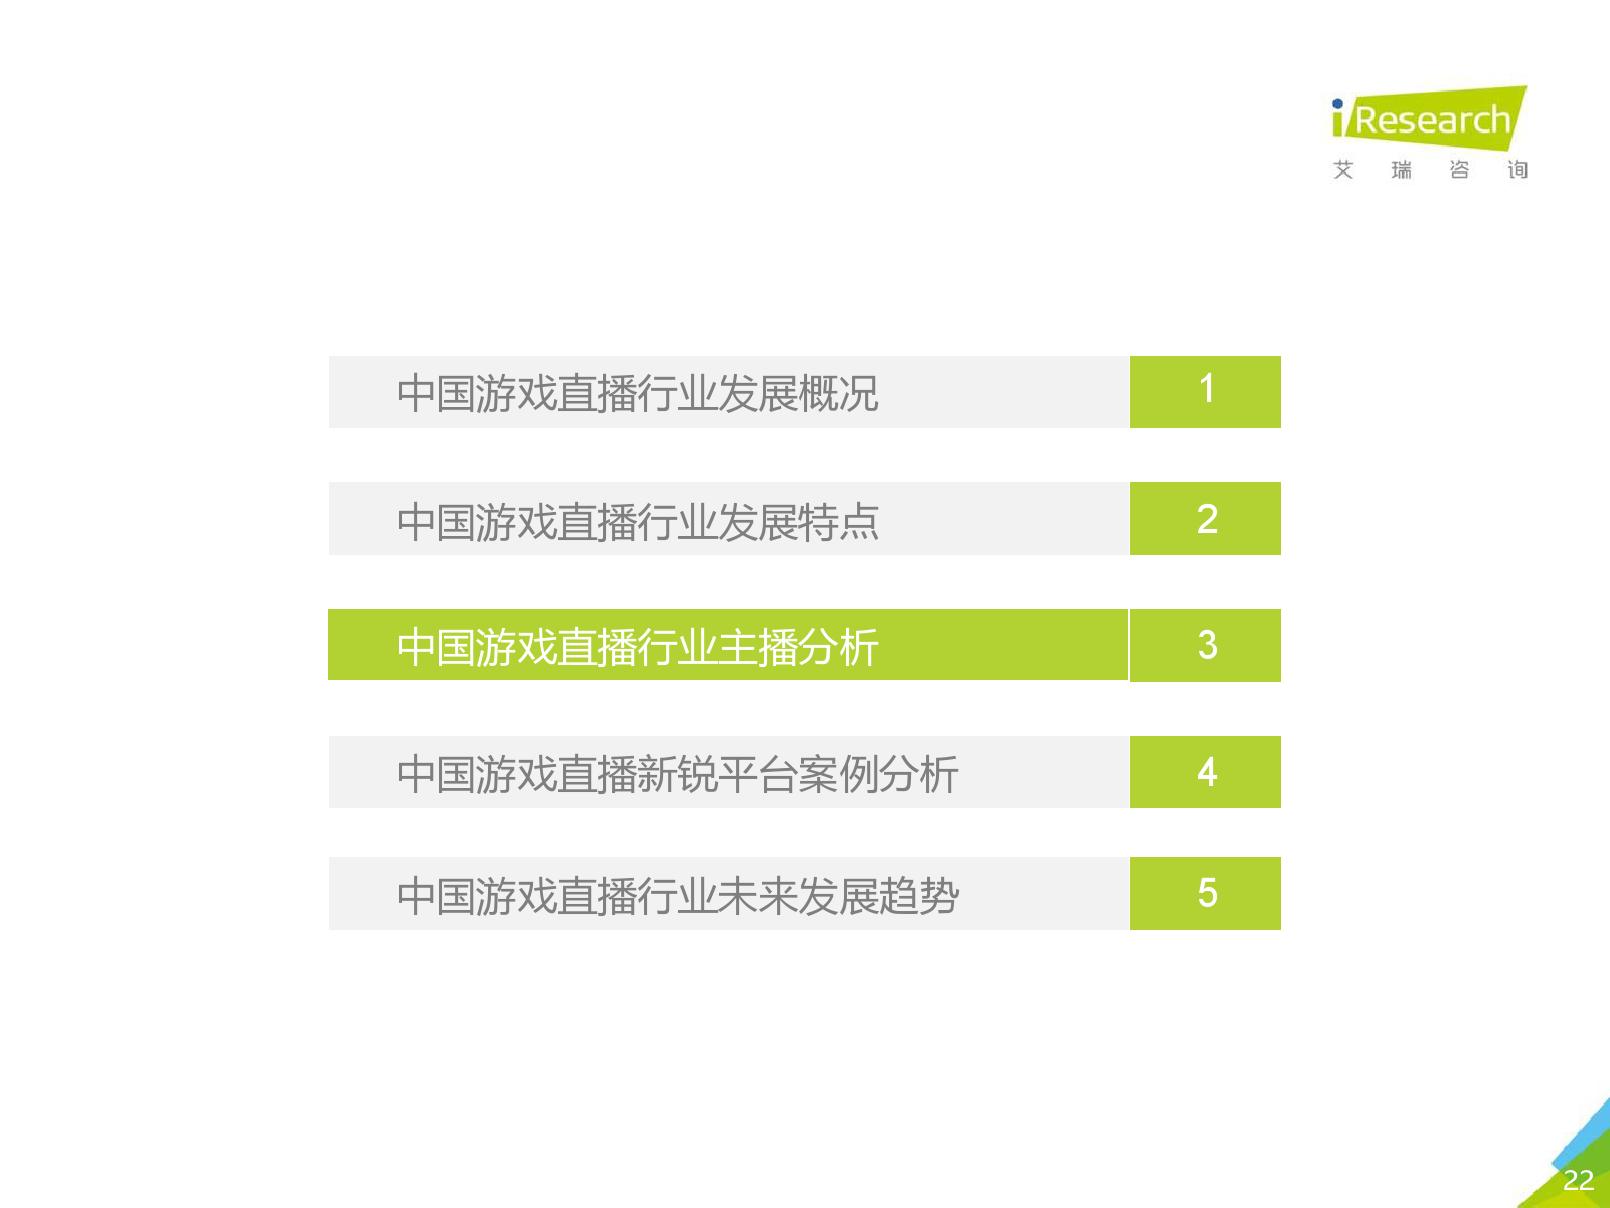 艾瑞咨询:2020年中国游戏直播行业研究报告(可下载报告)插图(43)